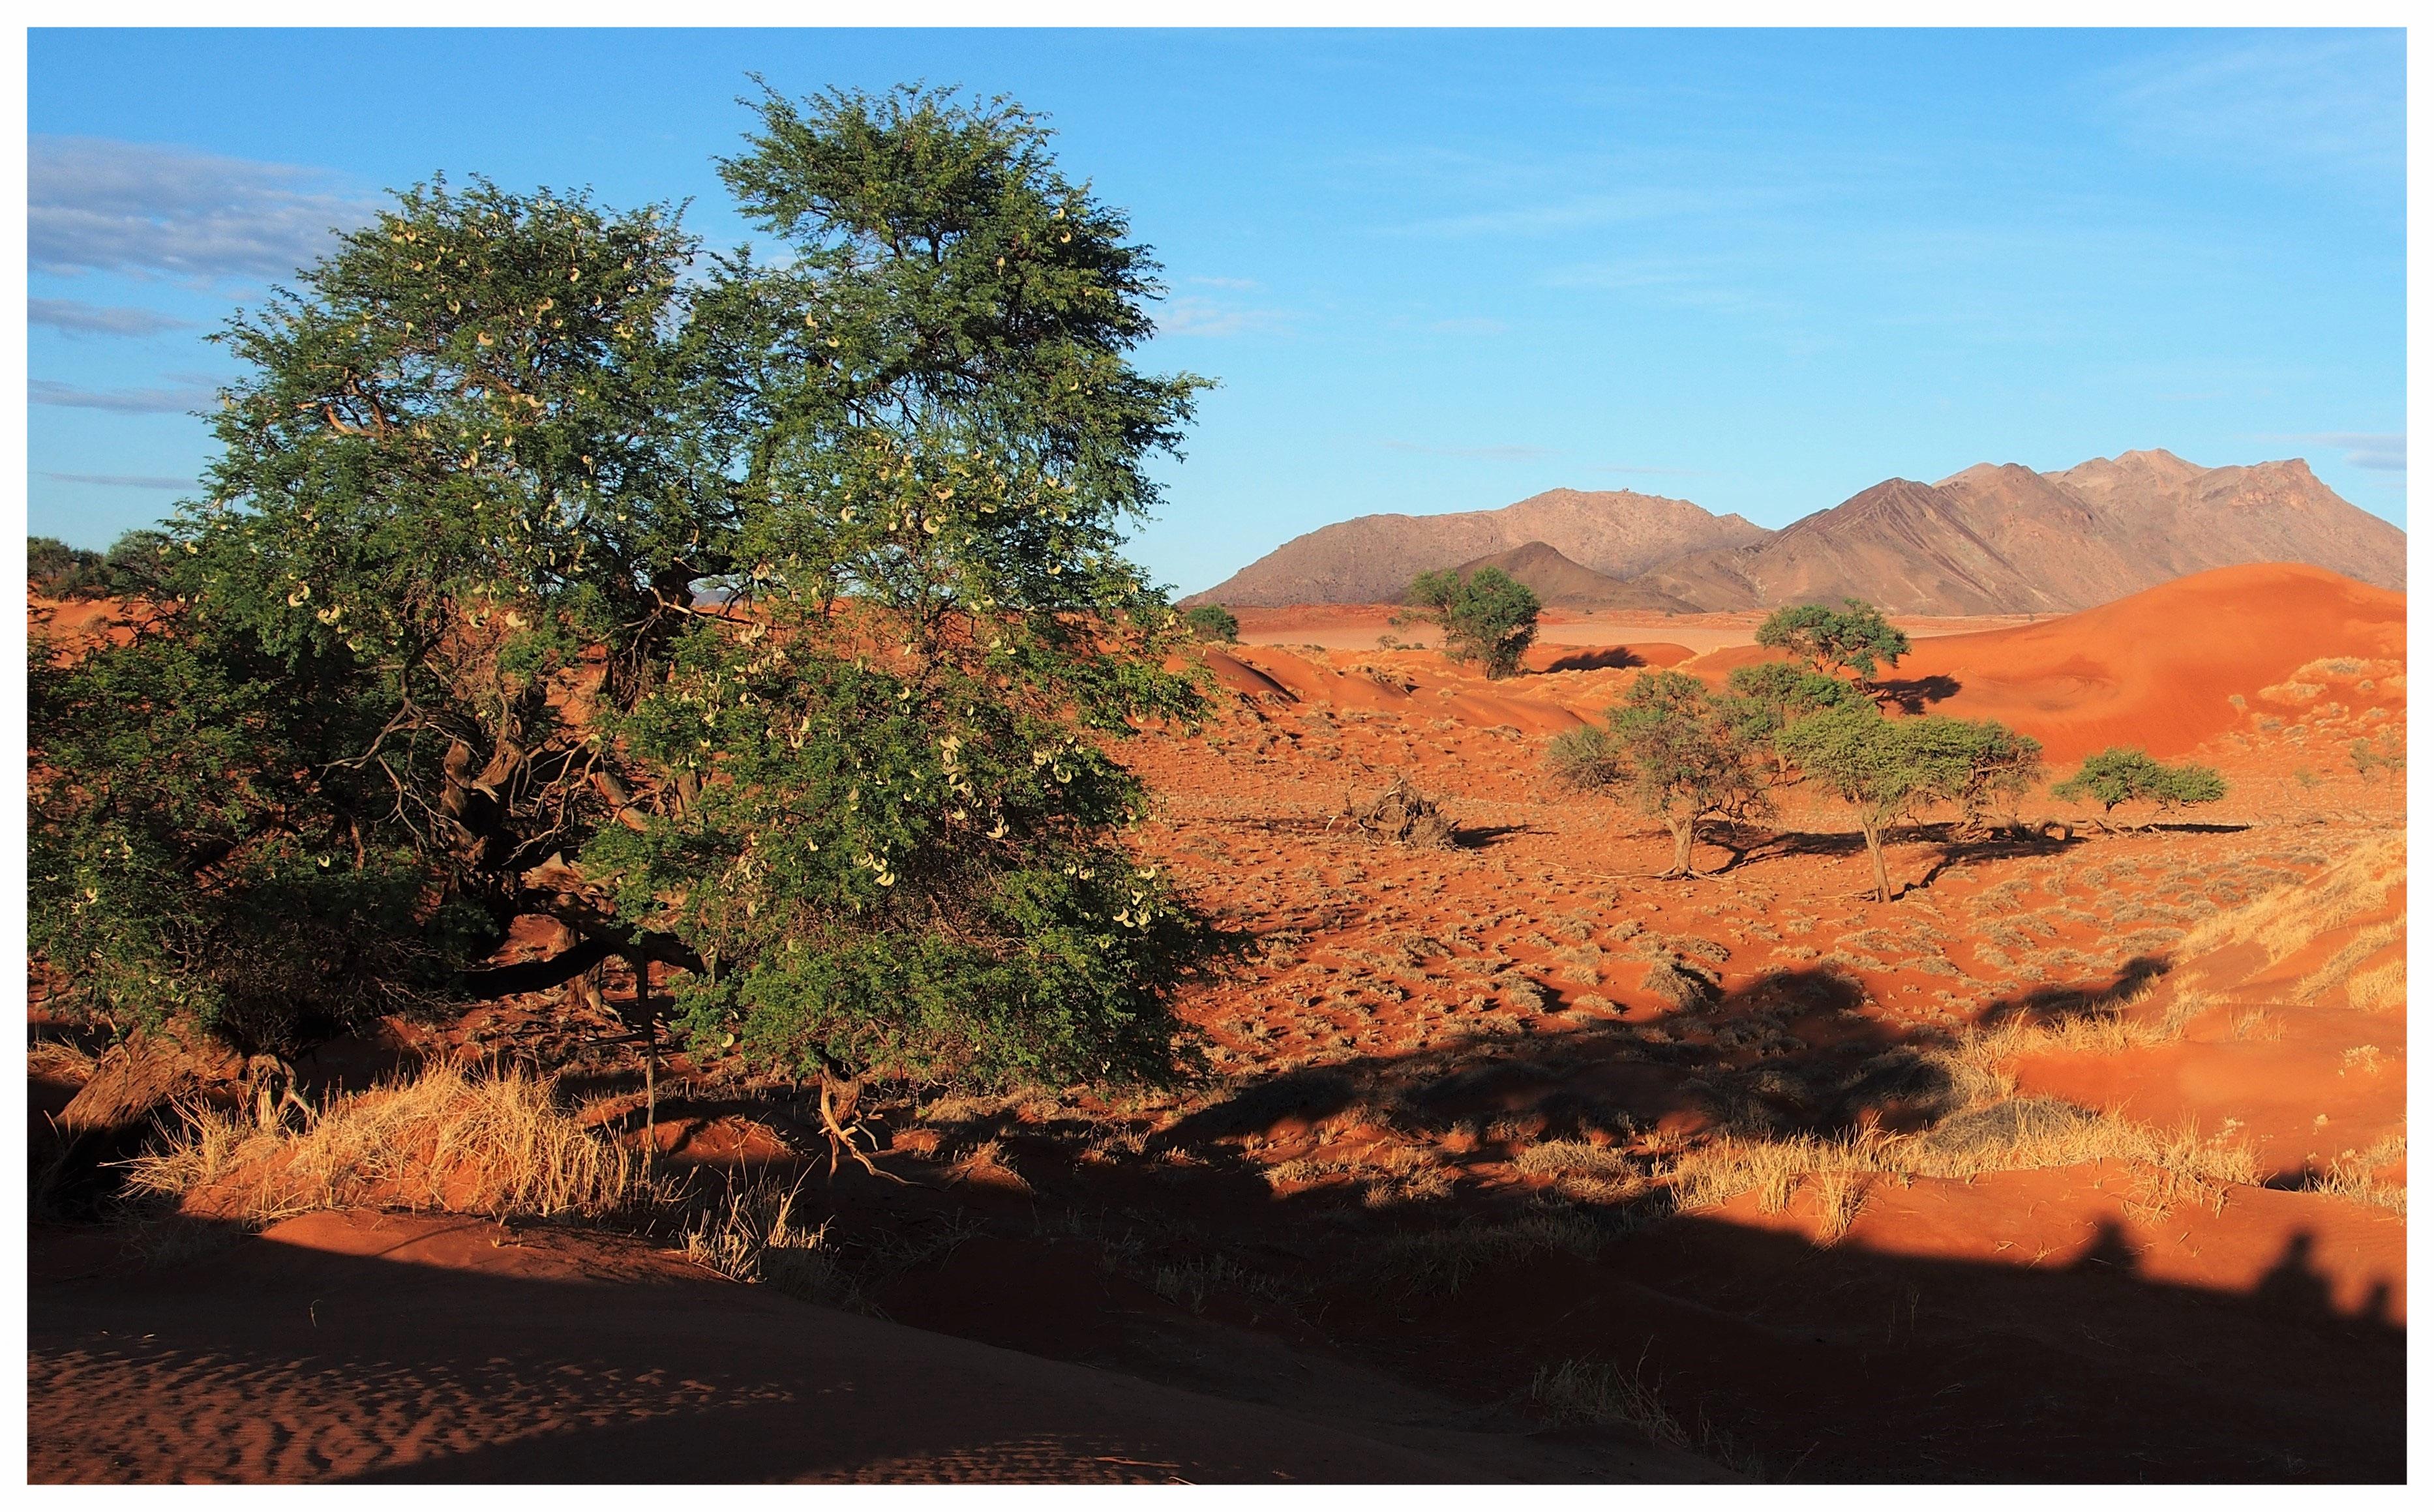 """Résultat de recherche d'images pour """"savane et zones aride"""""""""""